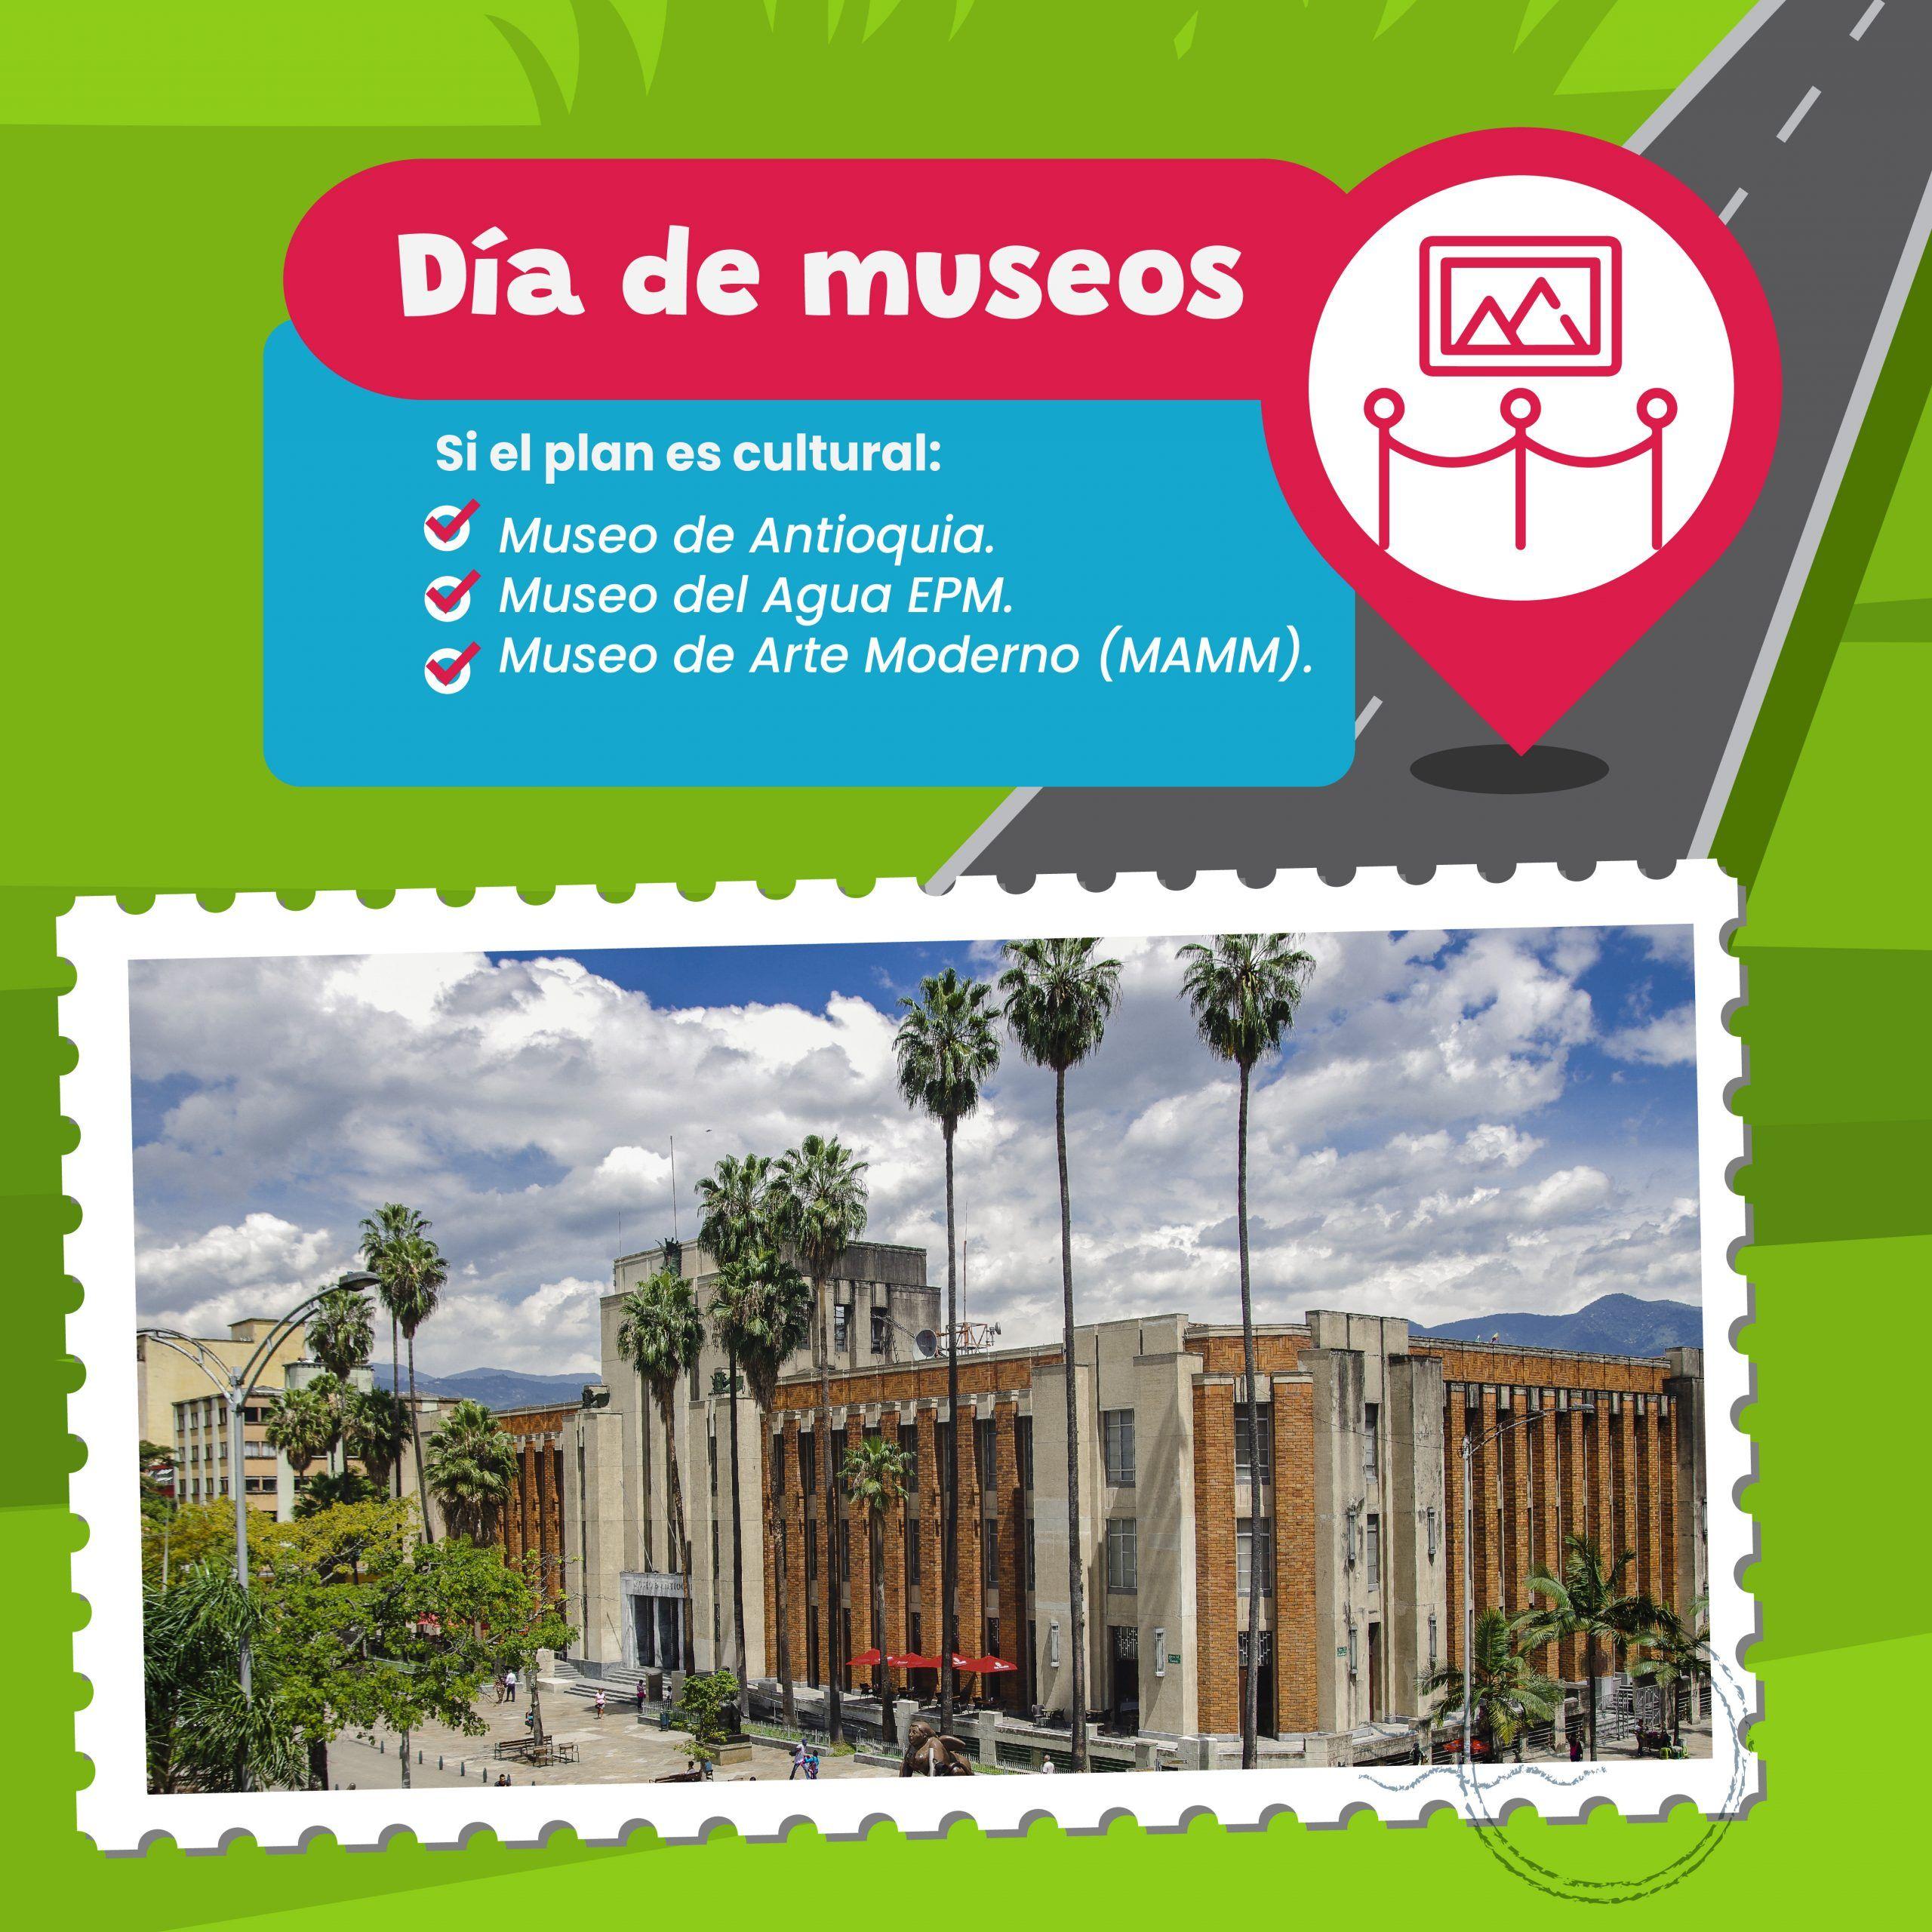 Día de museos